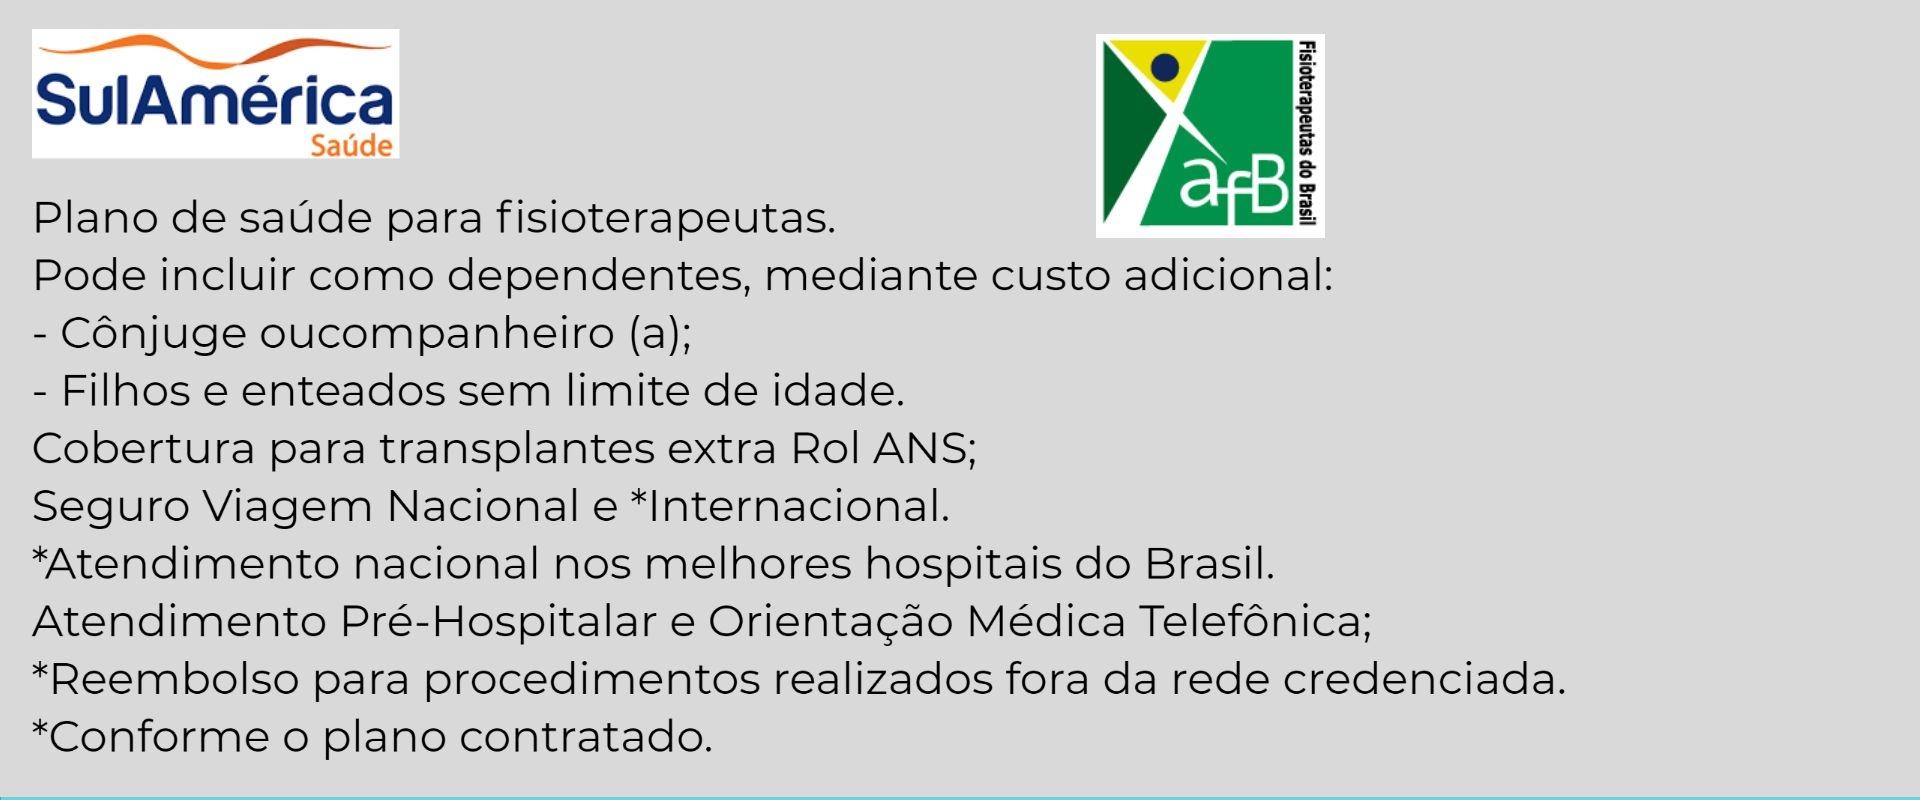 Sul América Crefito 3-SP